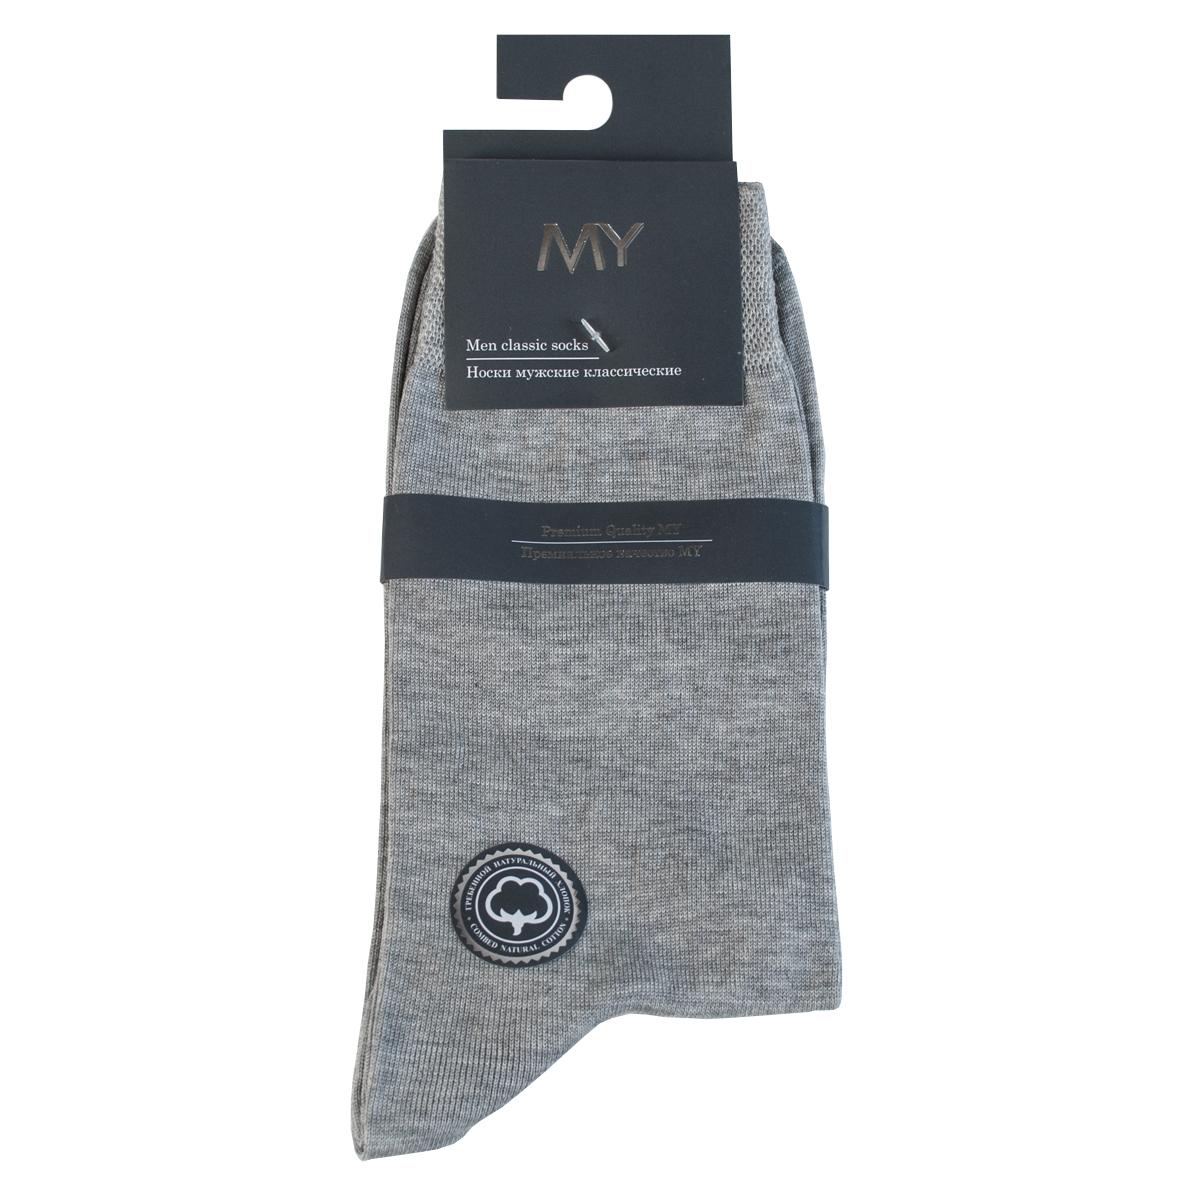 Носки мужские Mirey, цвет: светло-серый. MSC 004. Размер (41/43)MSC 004Классические мужские носки от Mirey выполнены из мерсеризованного хлопка. Усиленный мысок и пятка, комфортная двойная резинка сетка, плоский шов.